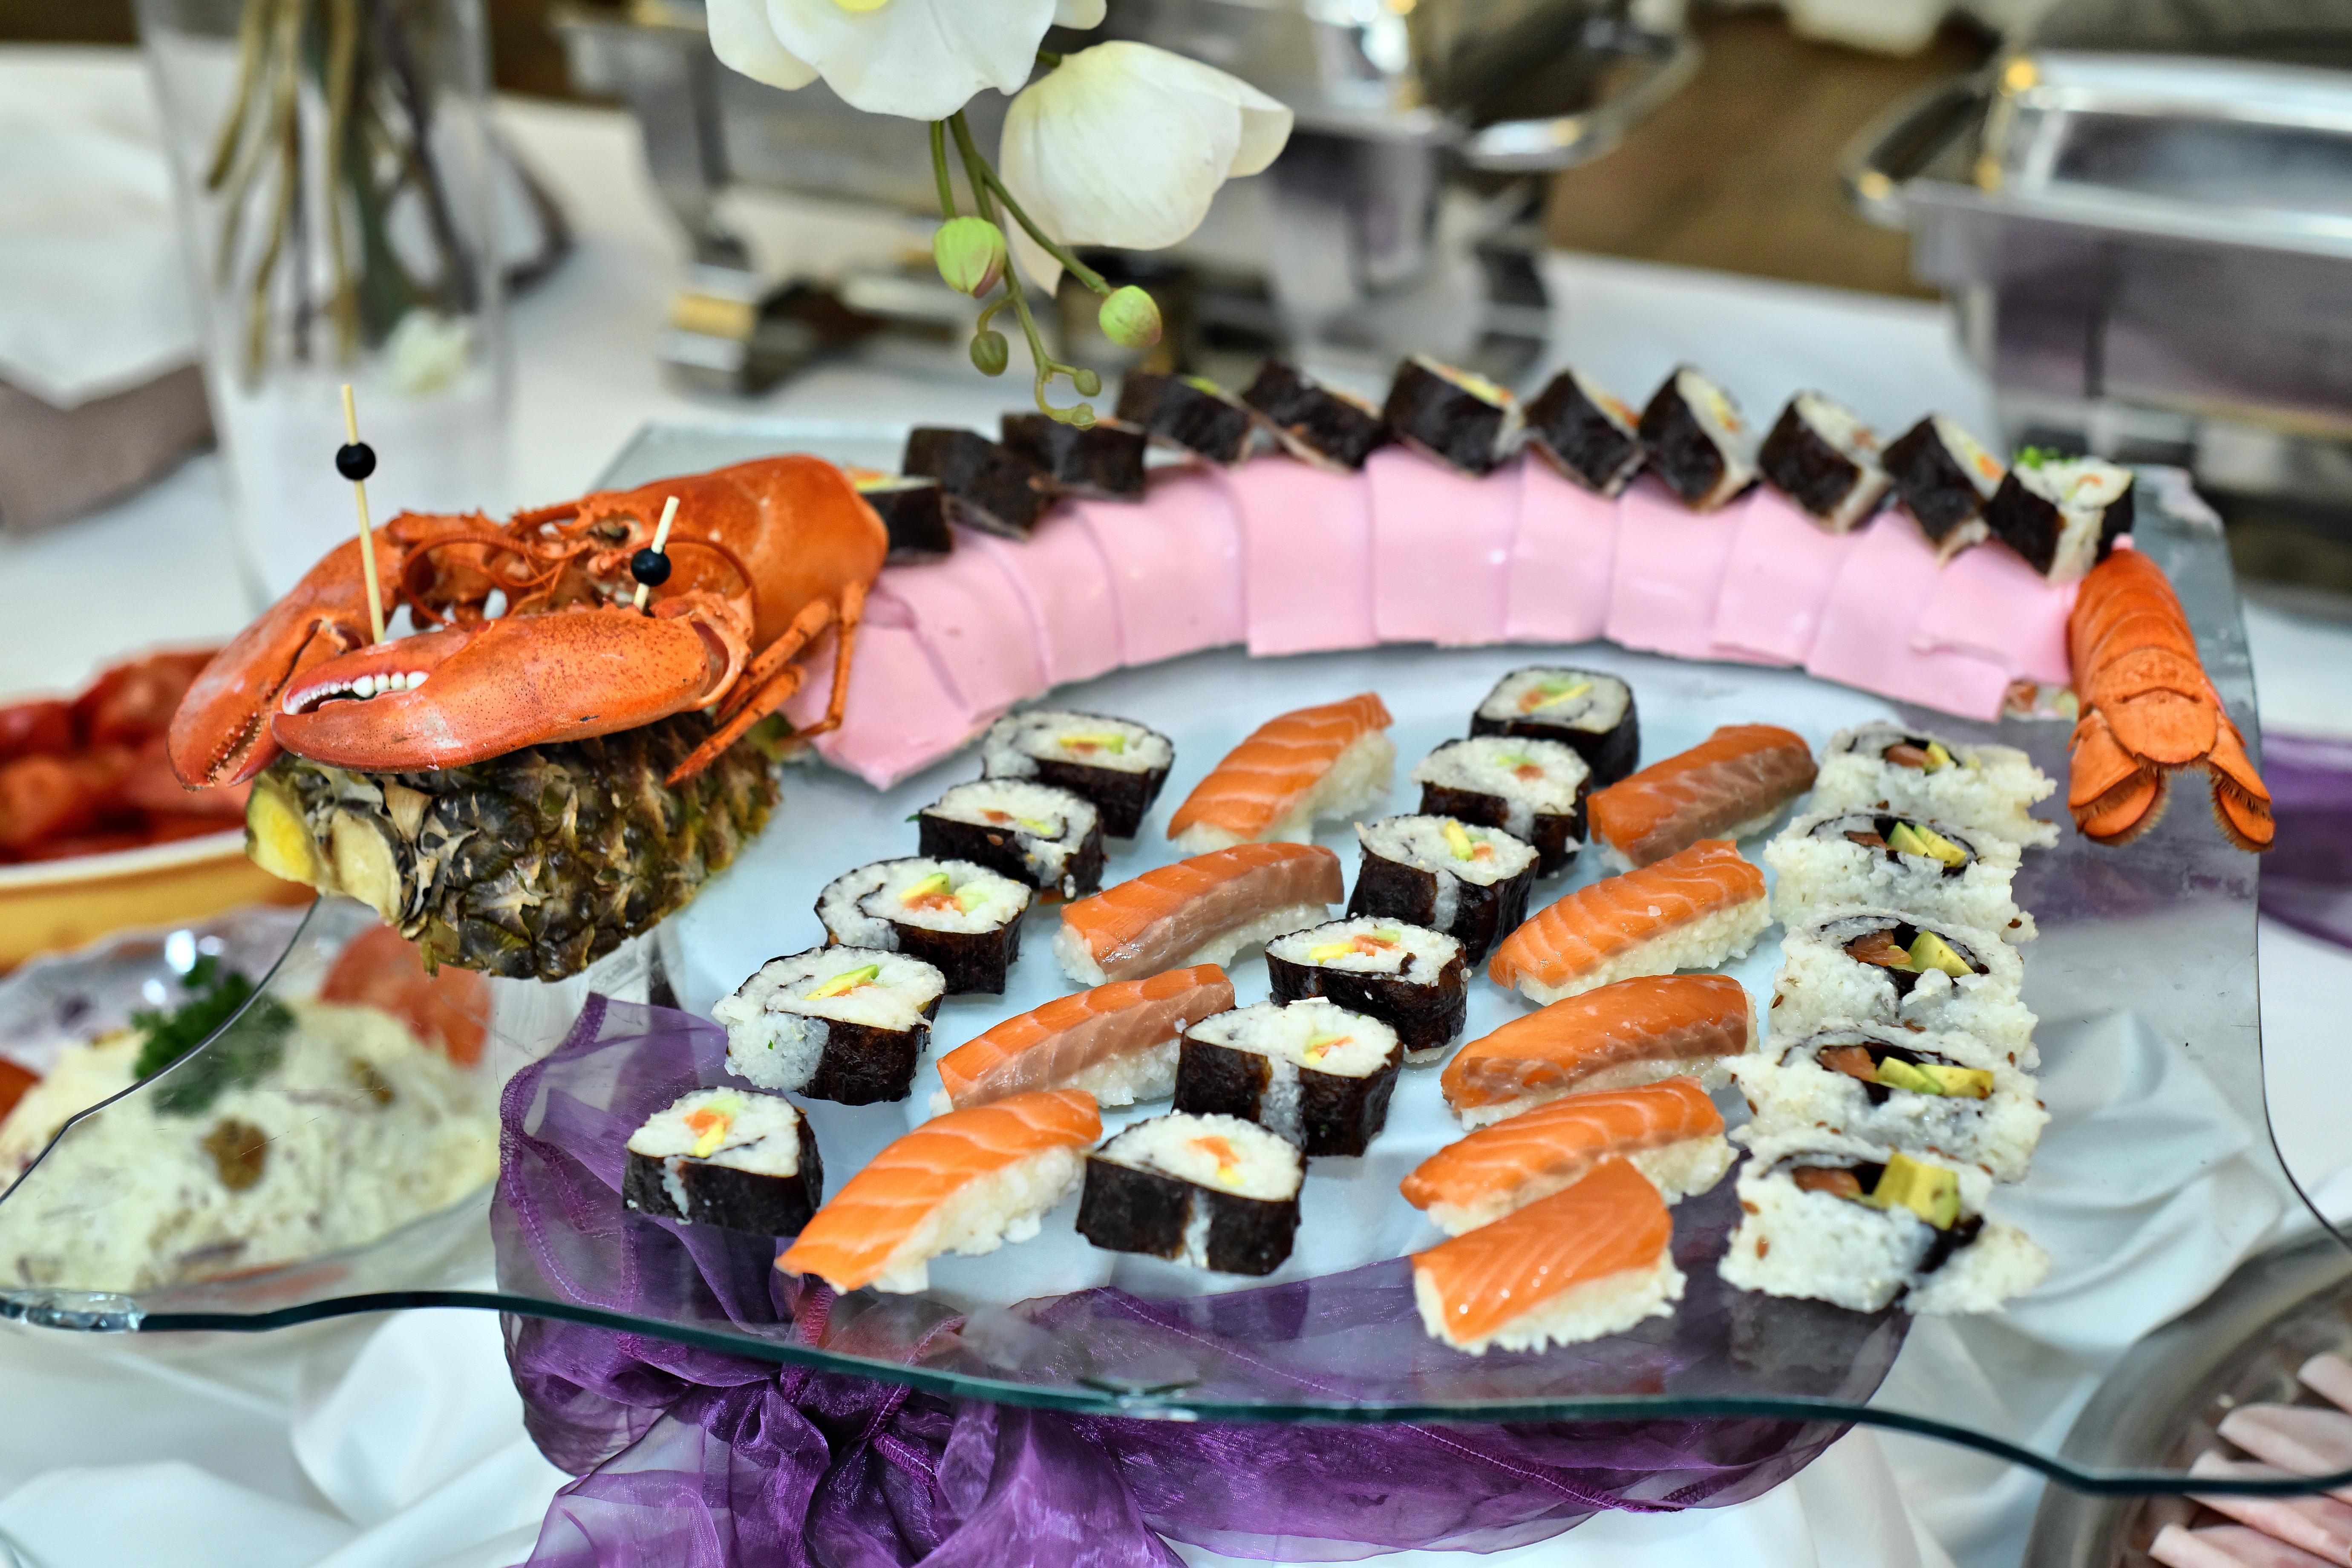 Hrana-dekoracije-2016-182